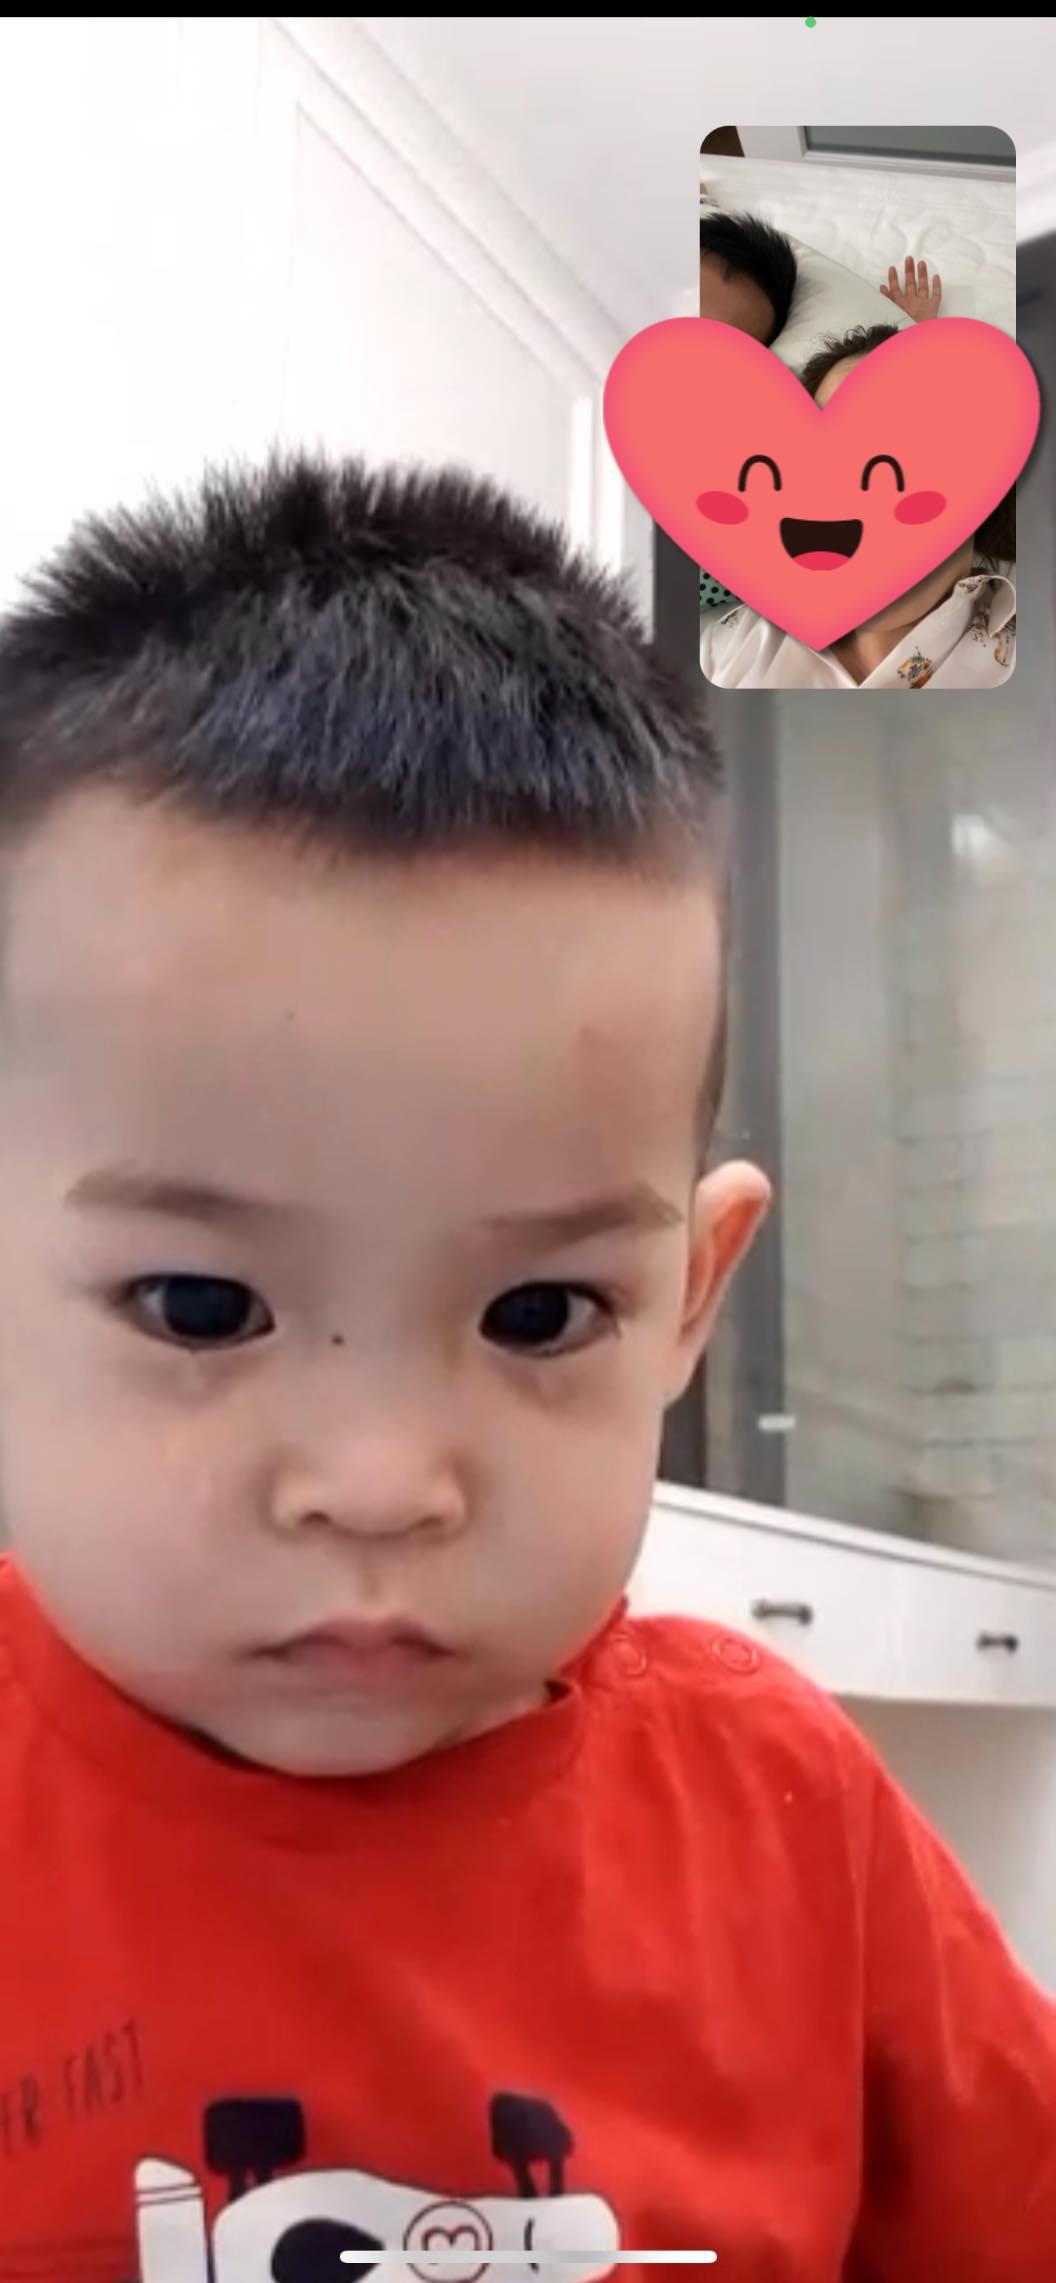 Con trai Hùng Dũng nước mắt lã chã khi mẹ đưa bố vào Sài Gòn điều trị chấn thương - ảnh 1